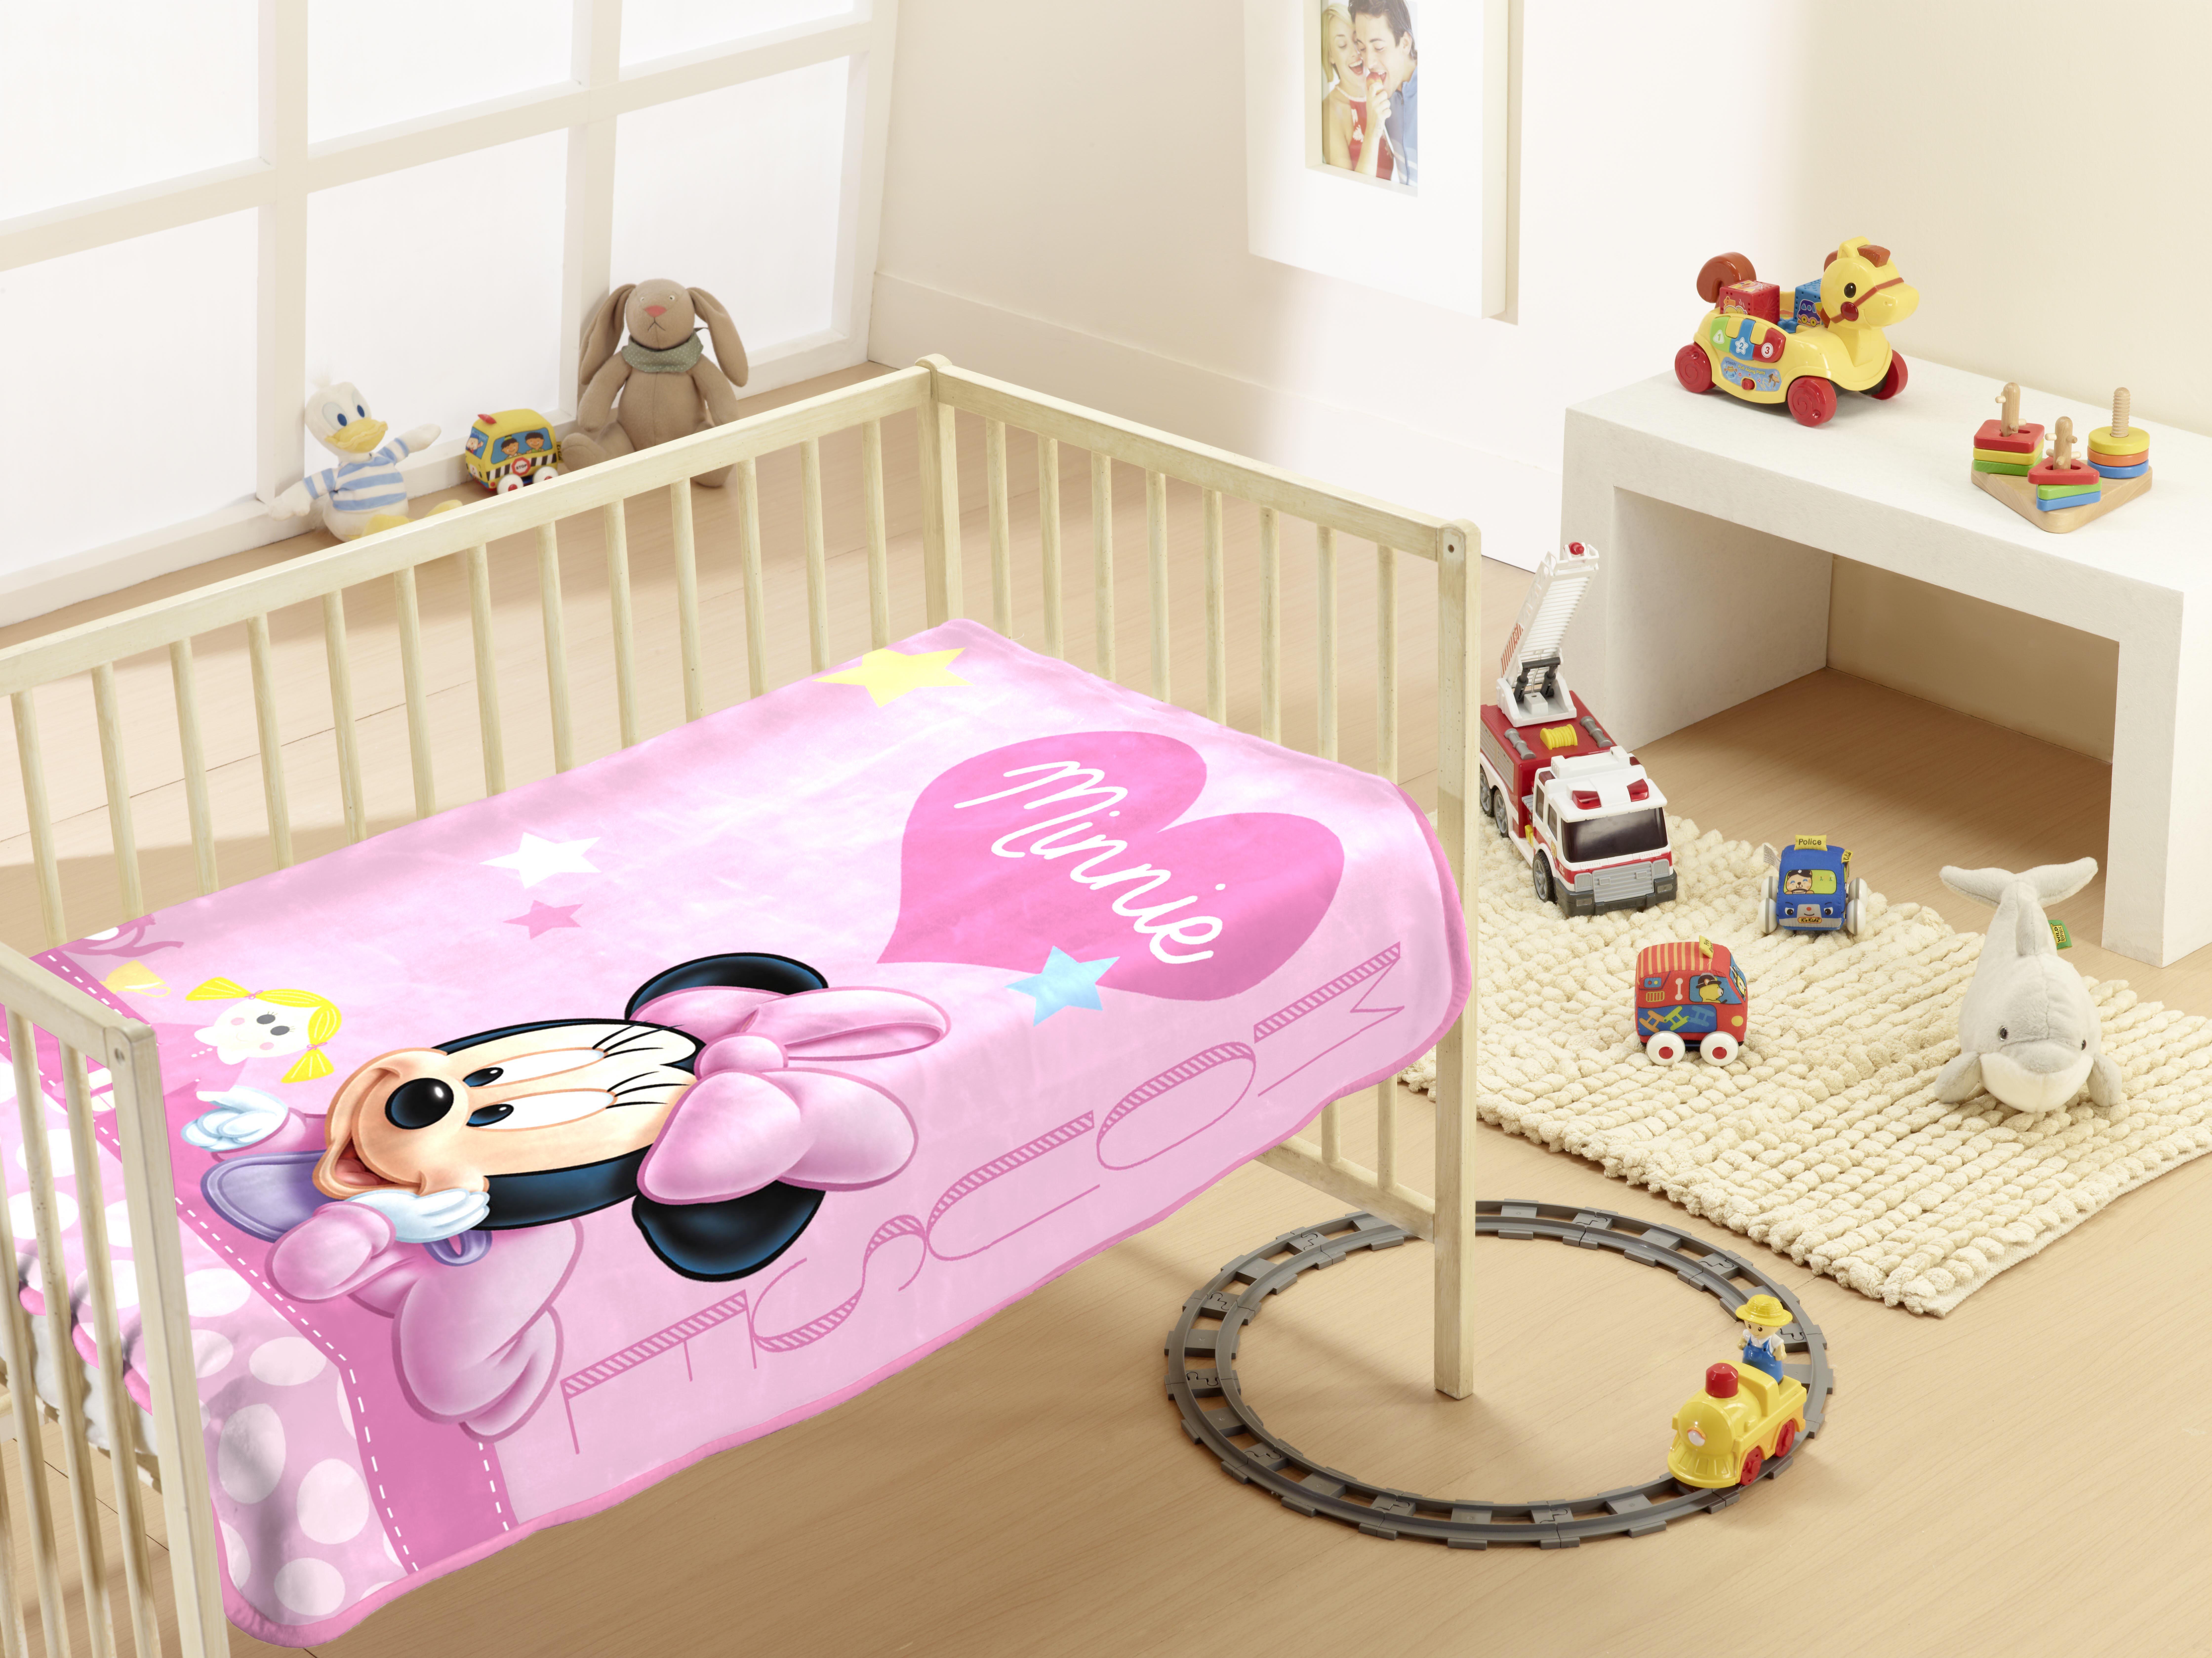 Κουβέρτα Μπεμπέ Βελουτέ Minie 9 Dim Collection – Disney – minnie-9-bl-dim